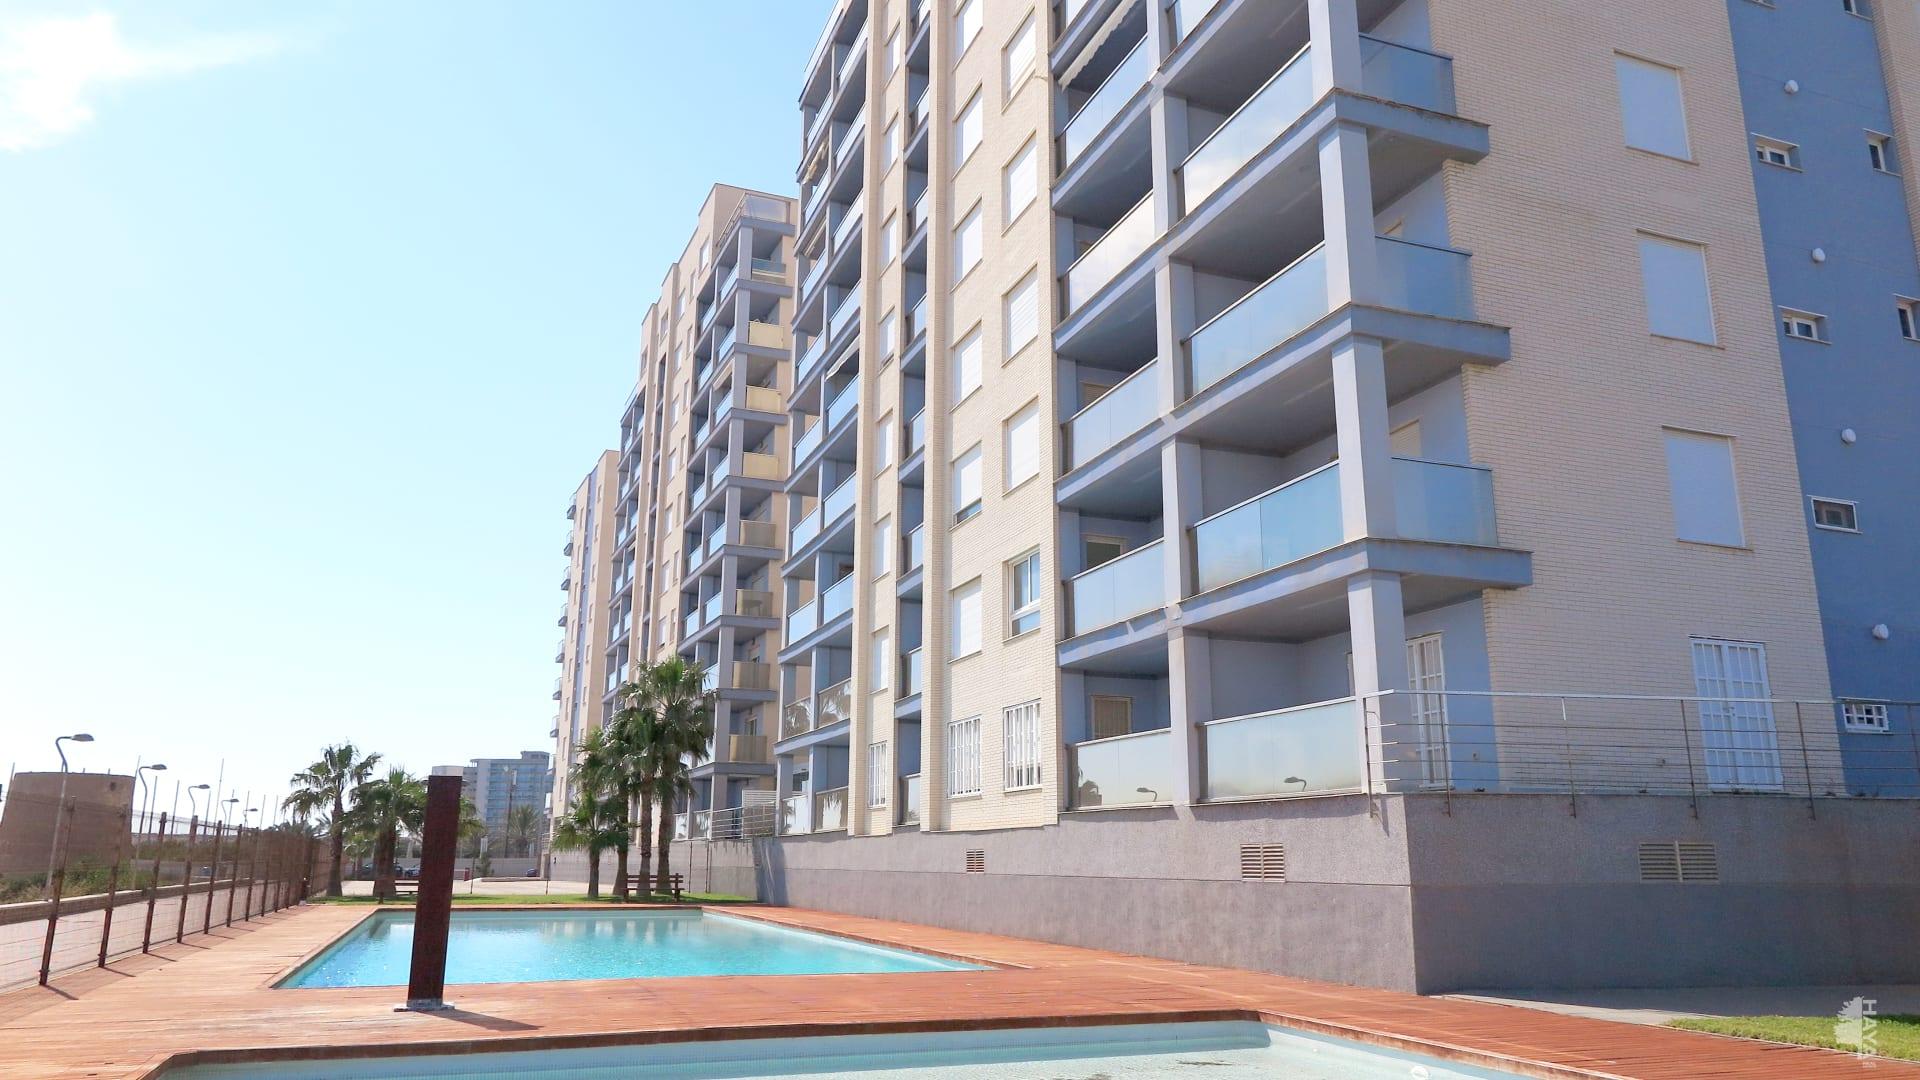 Piso en venta en San Javier, Murcia, Calle Prolongación Pol F. Conj Resid. Veneziola Golf Ii, 118.000 €, 2 habitaciones, 2 baños, 60 m2